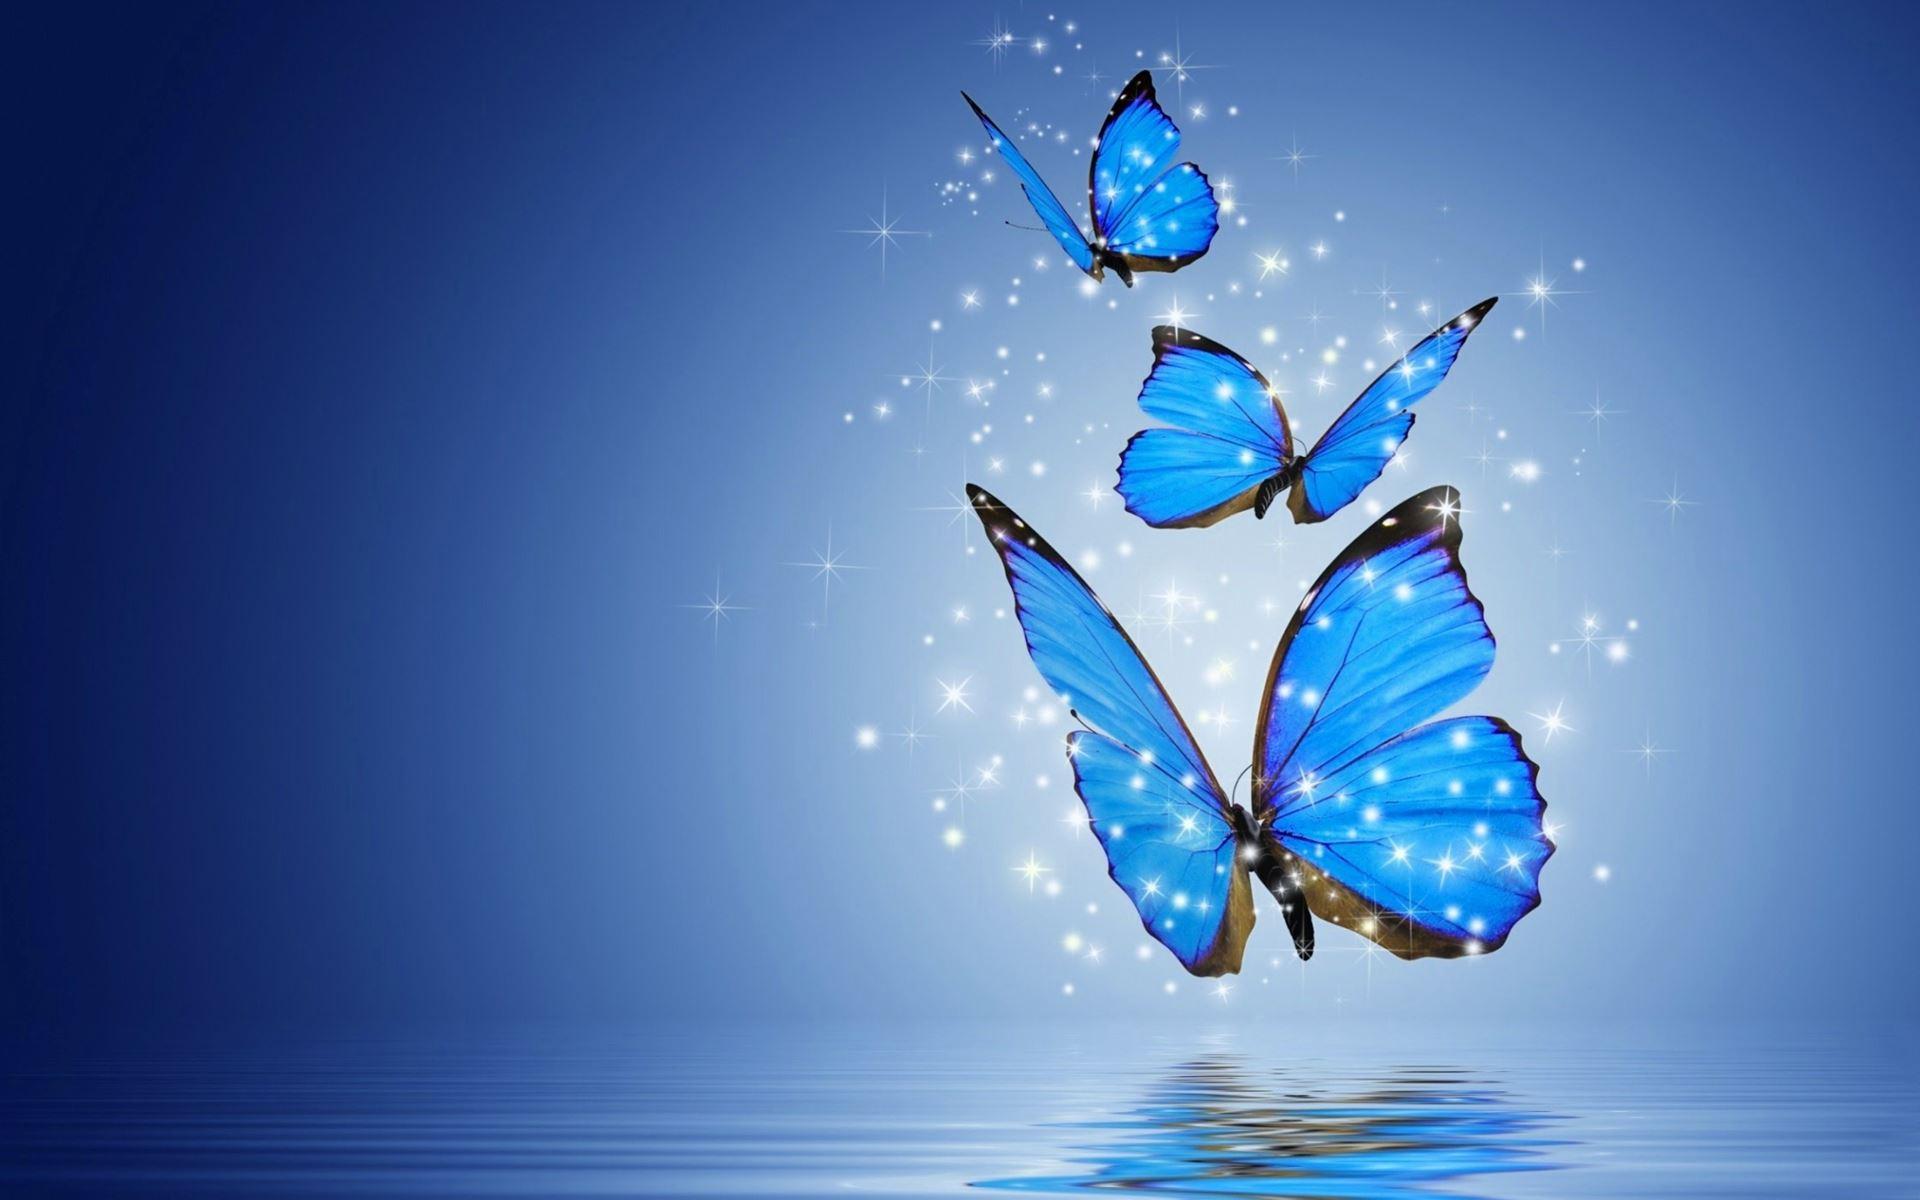 Blue Butterfly Wallpapers Hd ~ Sdeerwallpaper | vishvas